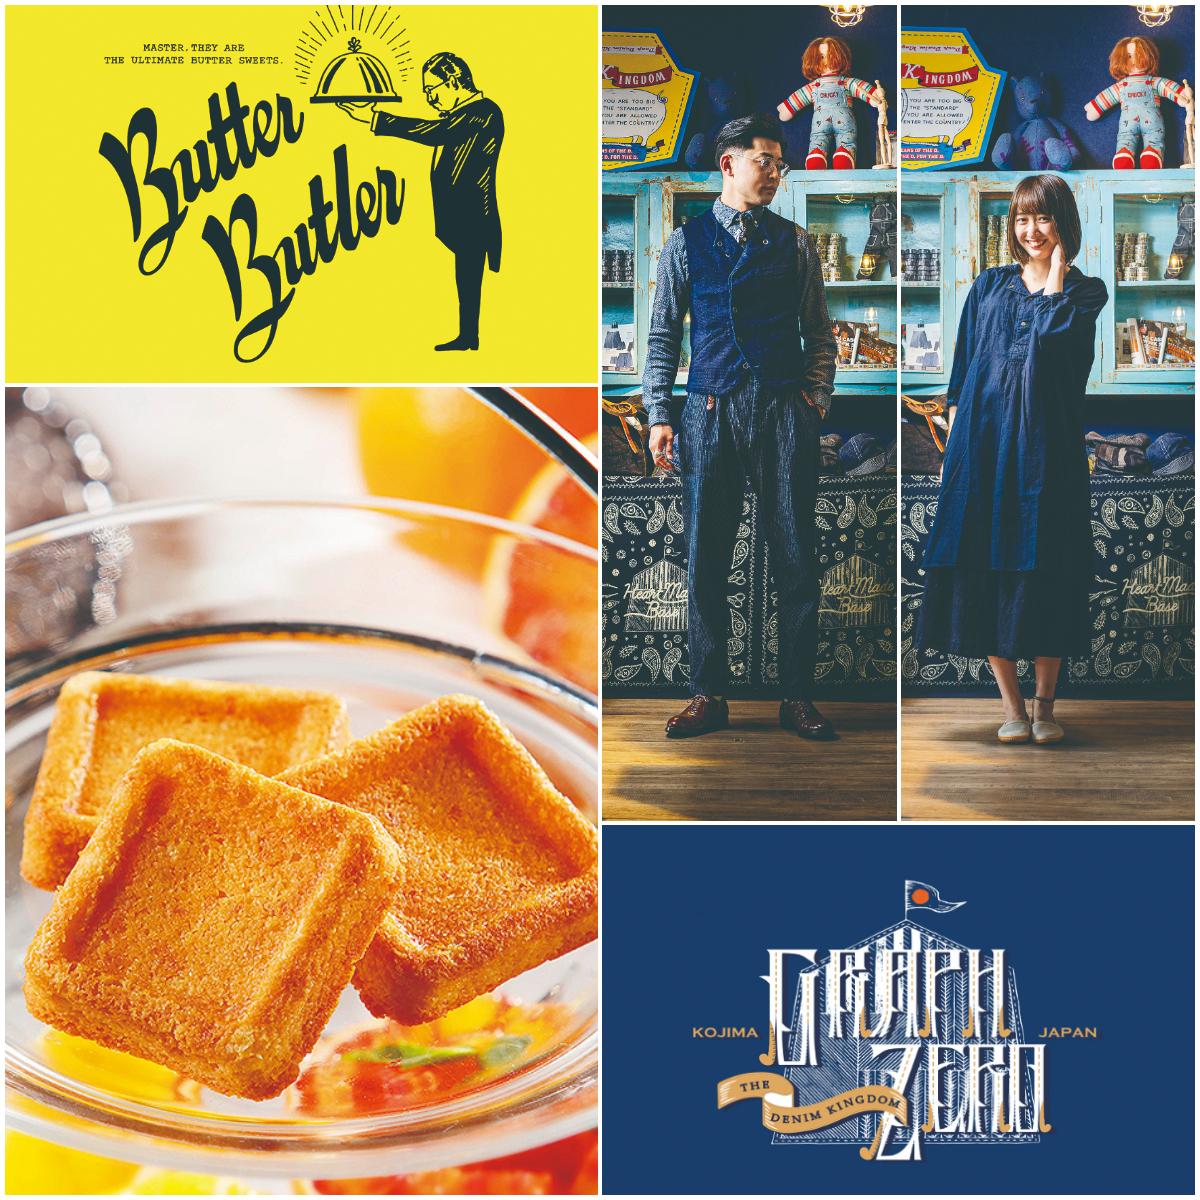 【6/23~】『バターバトラー』と『グラフゼロ』が『香林坊大和』にポップアップショップとして出店。